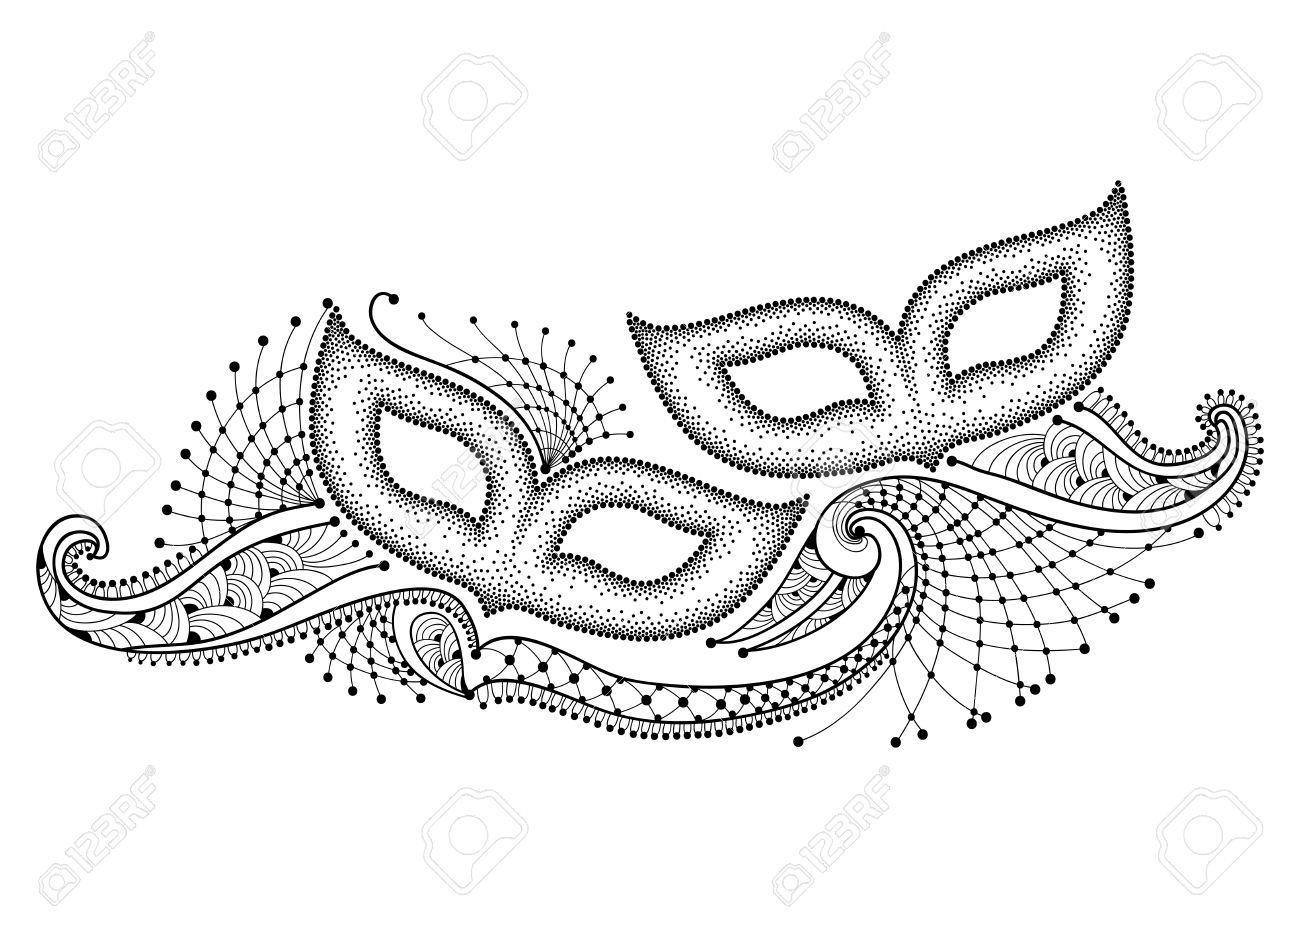 Dessin Avec Deux Pointillés Masque De Carnaval Et De Définir La Dentelle  Décorative En Noir Isolé Sur Fond Blanc. Design For Mardi Gras Parti Dans  Le dedans Dessin En Pointillé